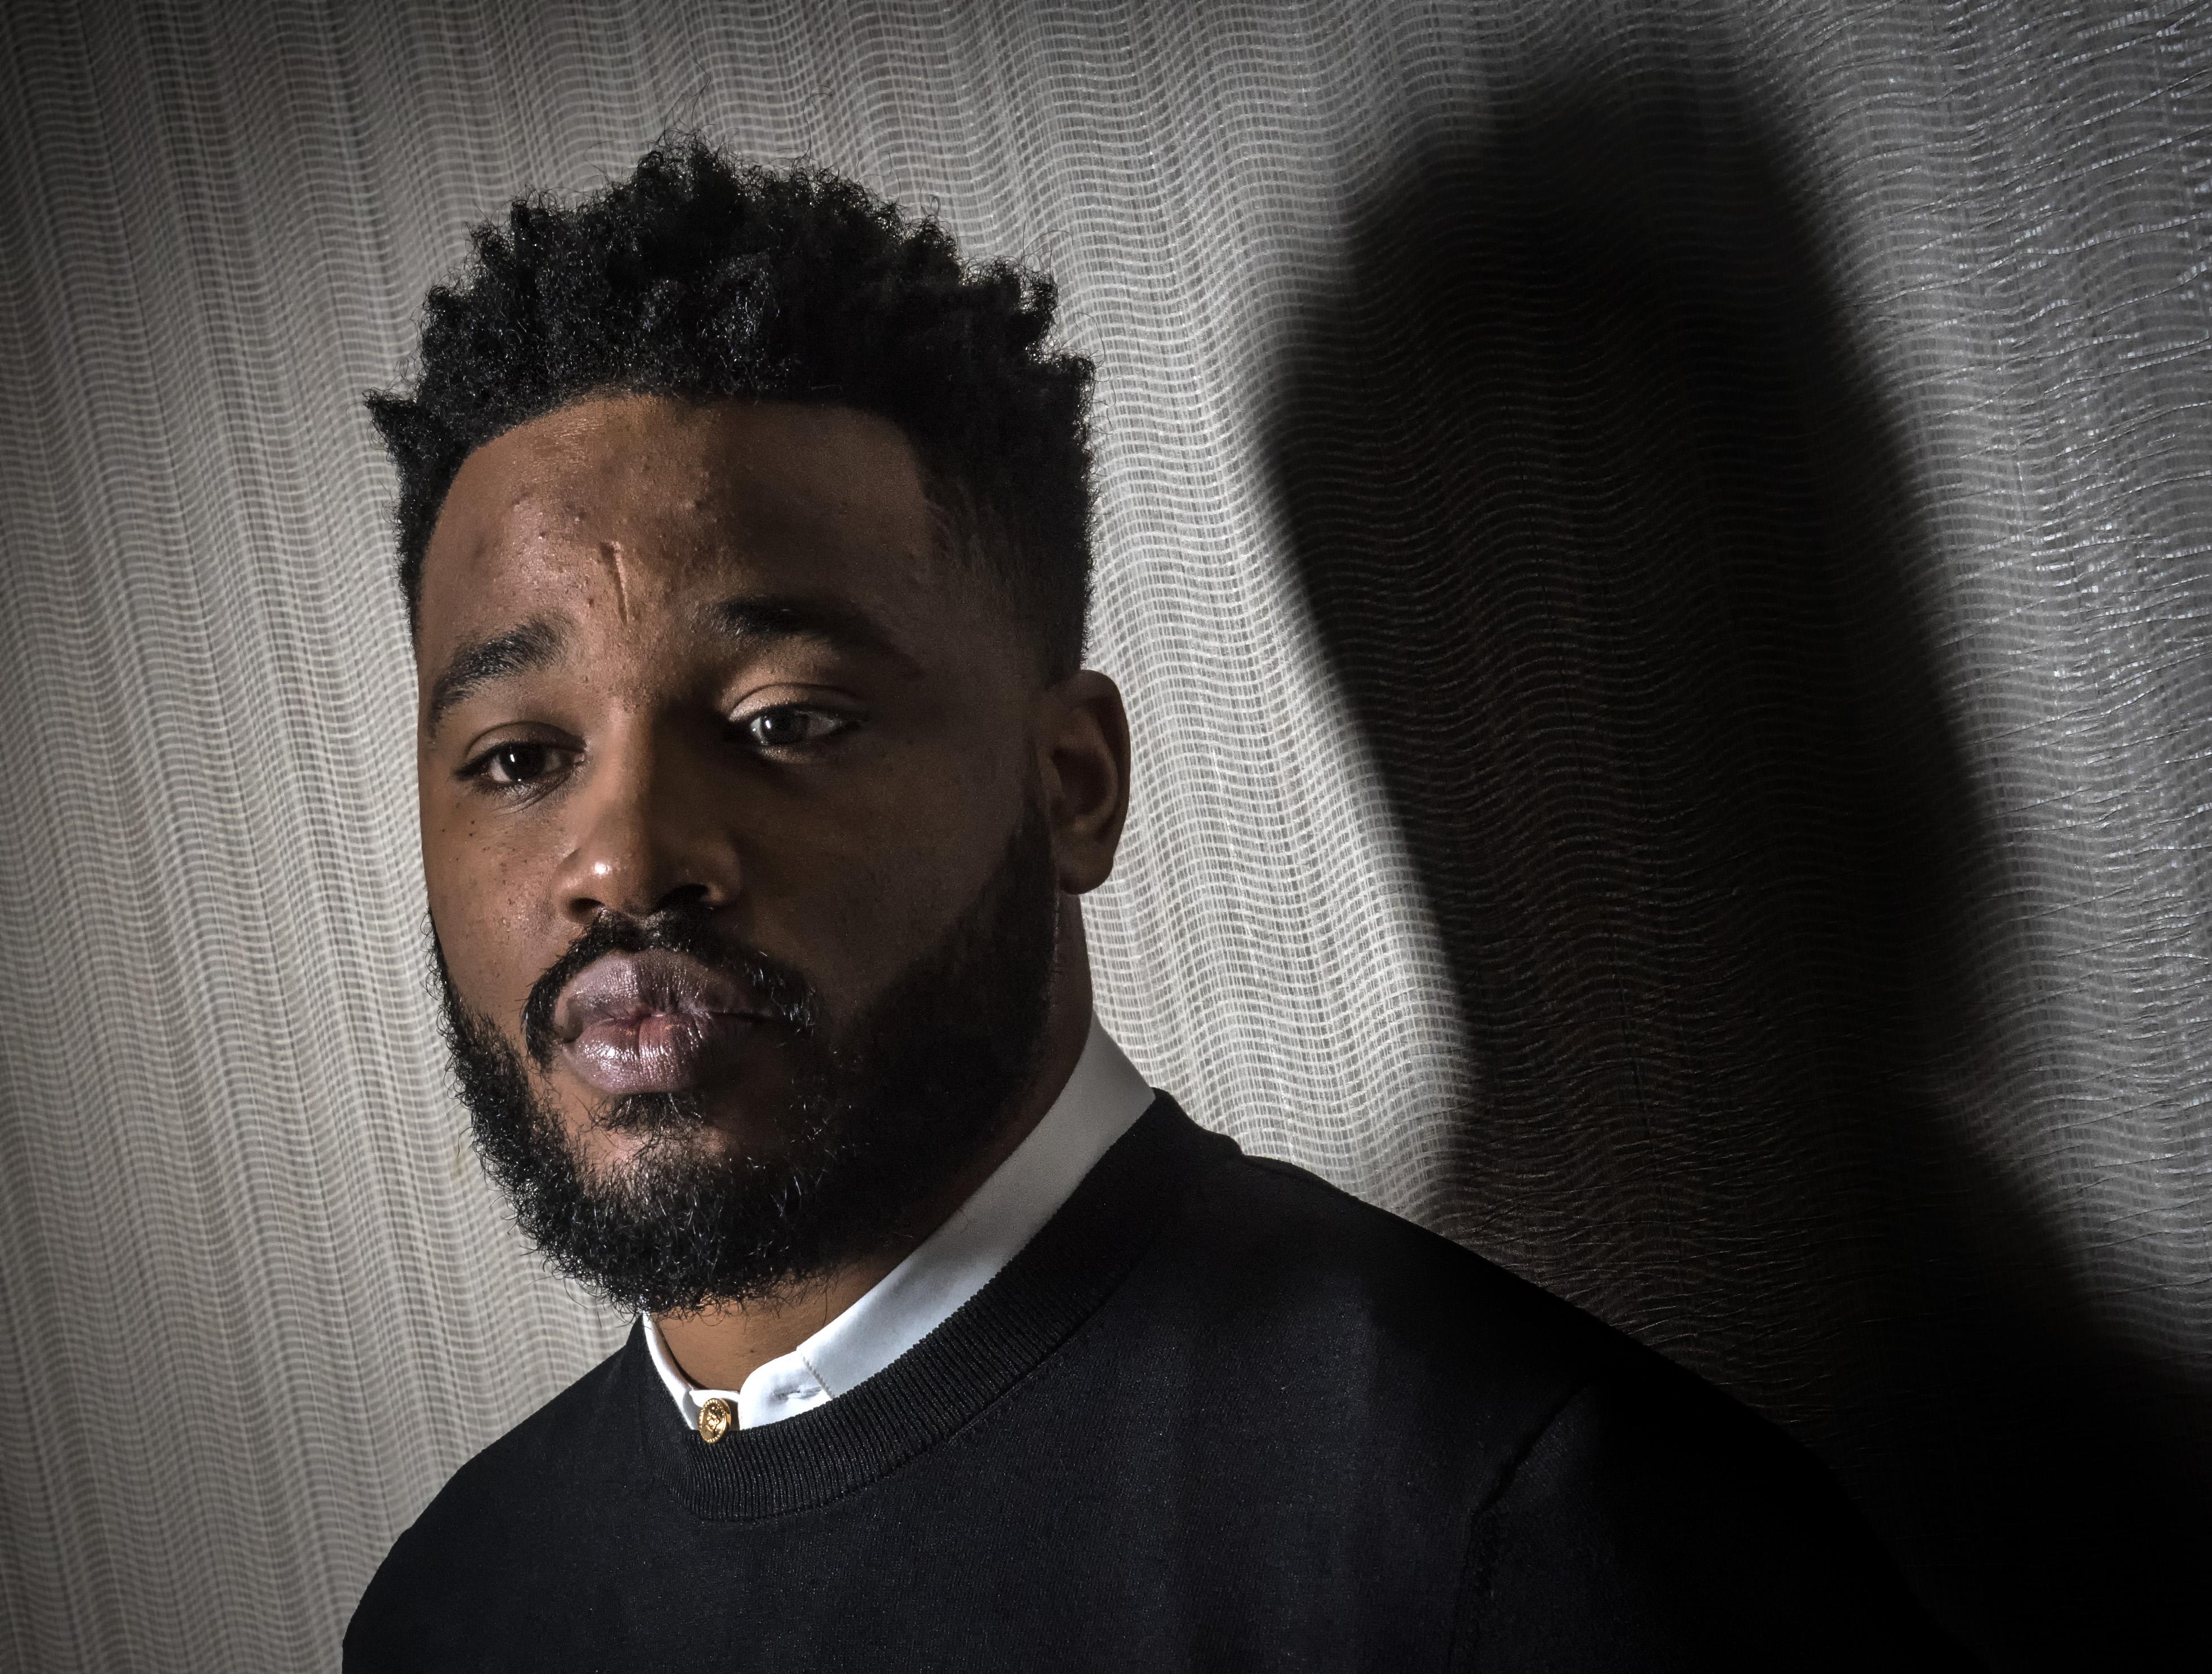 Ryan Coogler, director of the hit movie 'Black Panther', in Washington, DC.